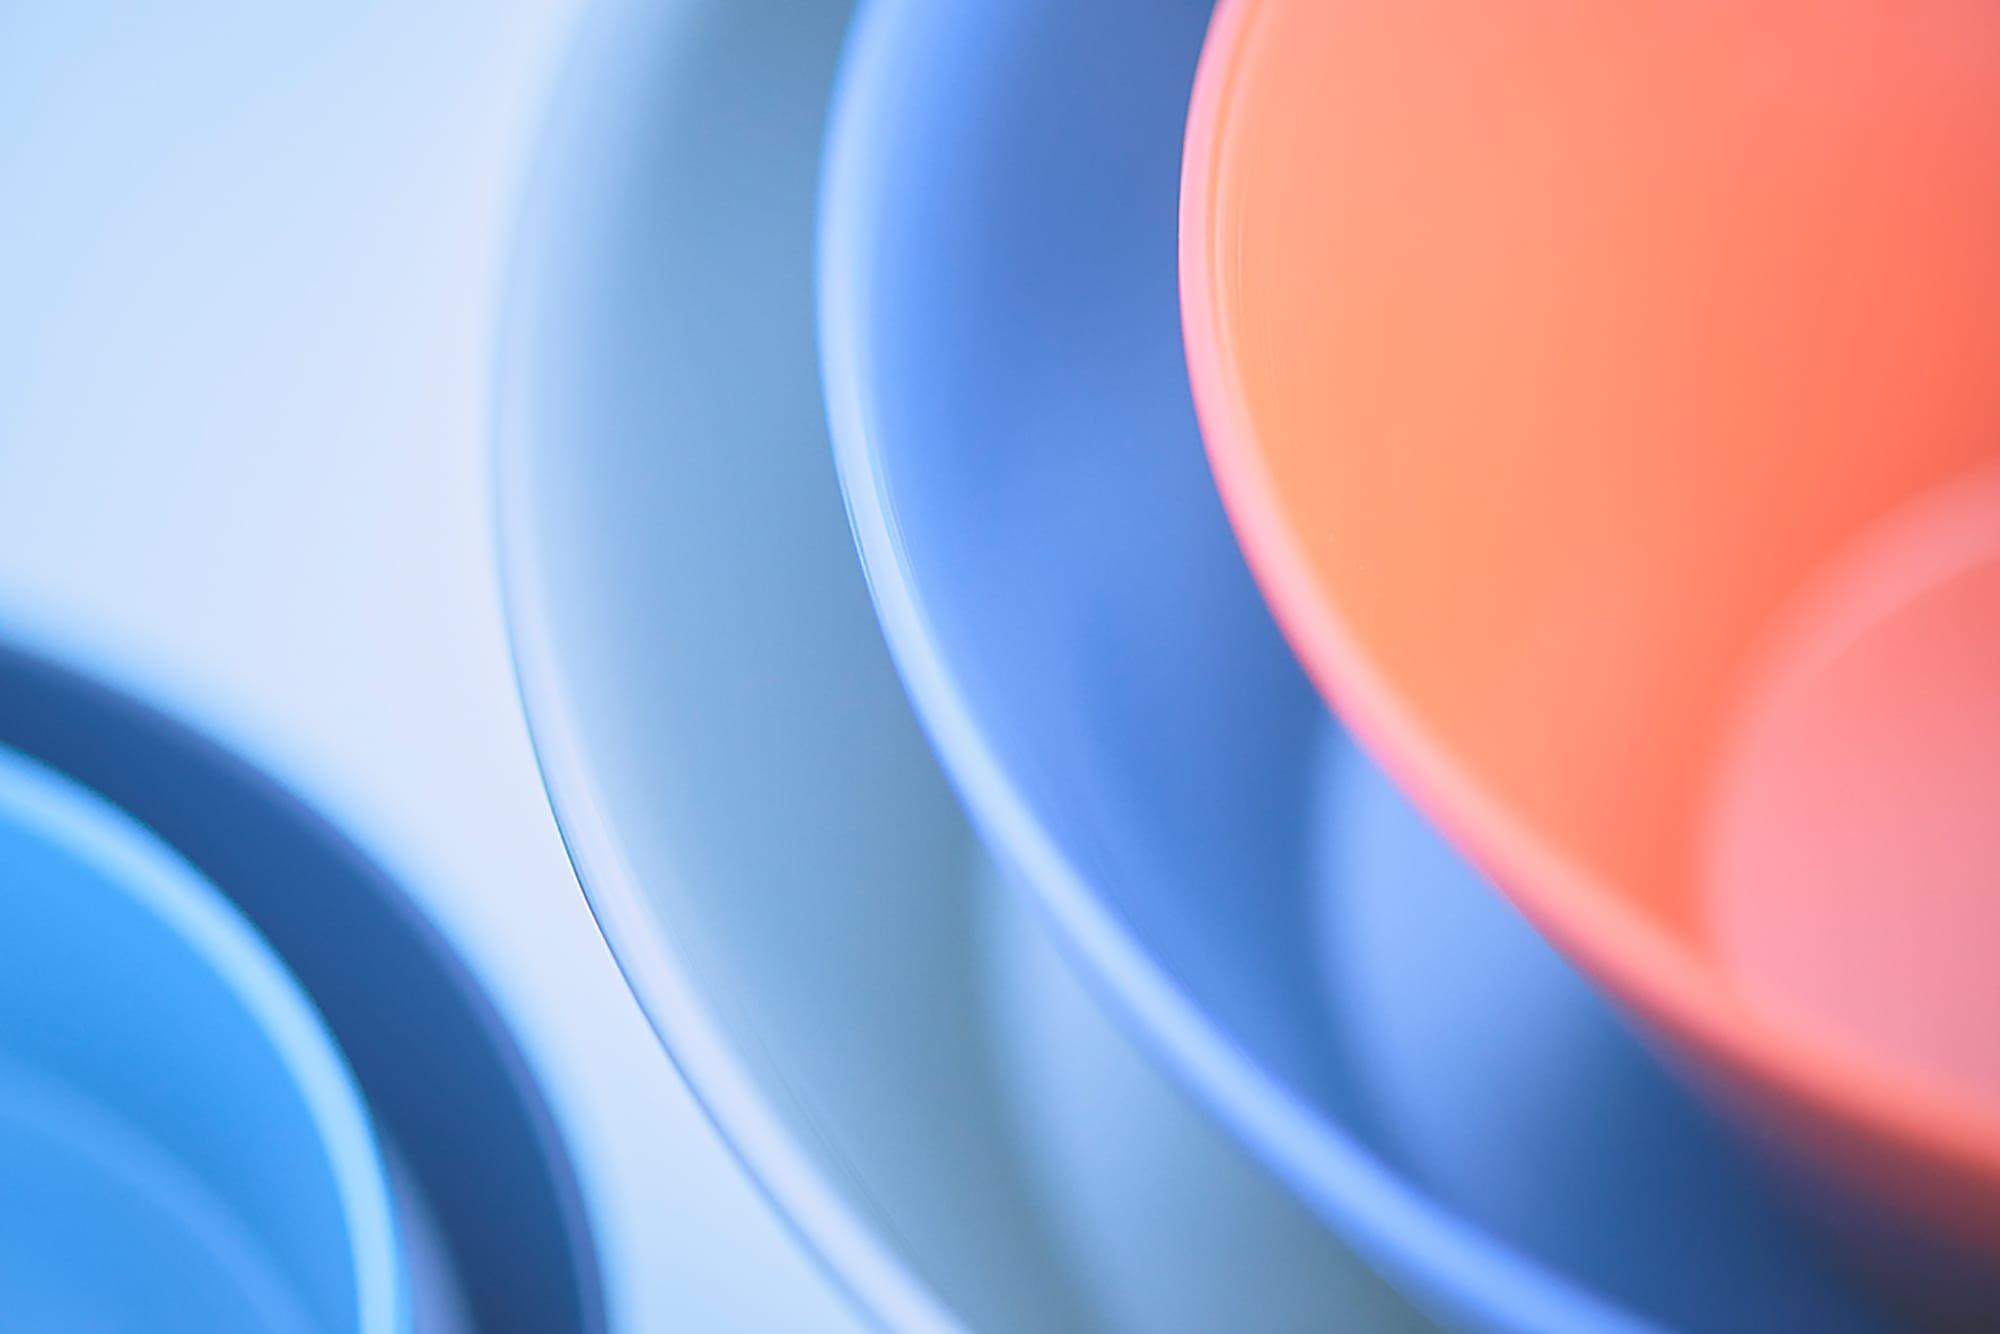 RIN&CO.は北陸の伝統技術や職人によってモノづくりをしている新ブランド。現在は越前硬漆(えちぜんかたうるし)の器、白九谷の器、越前木工の盆、越前和紙のポチ袋などの商品が揃う。